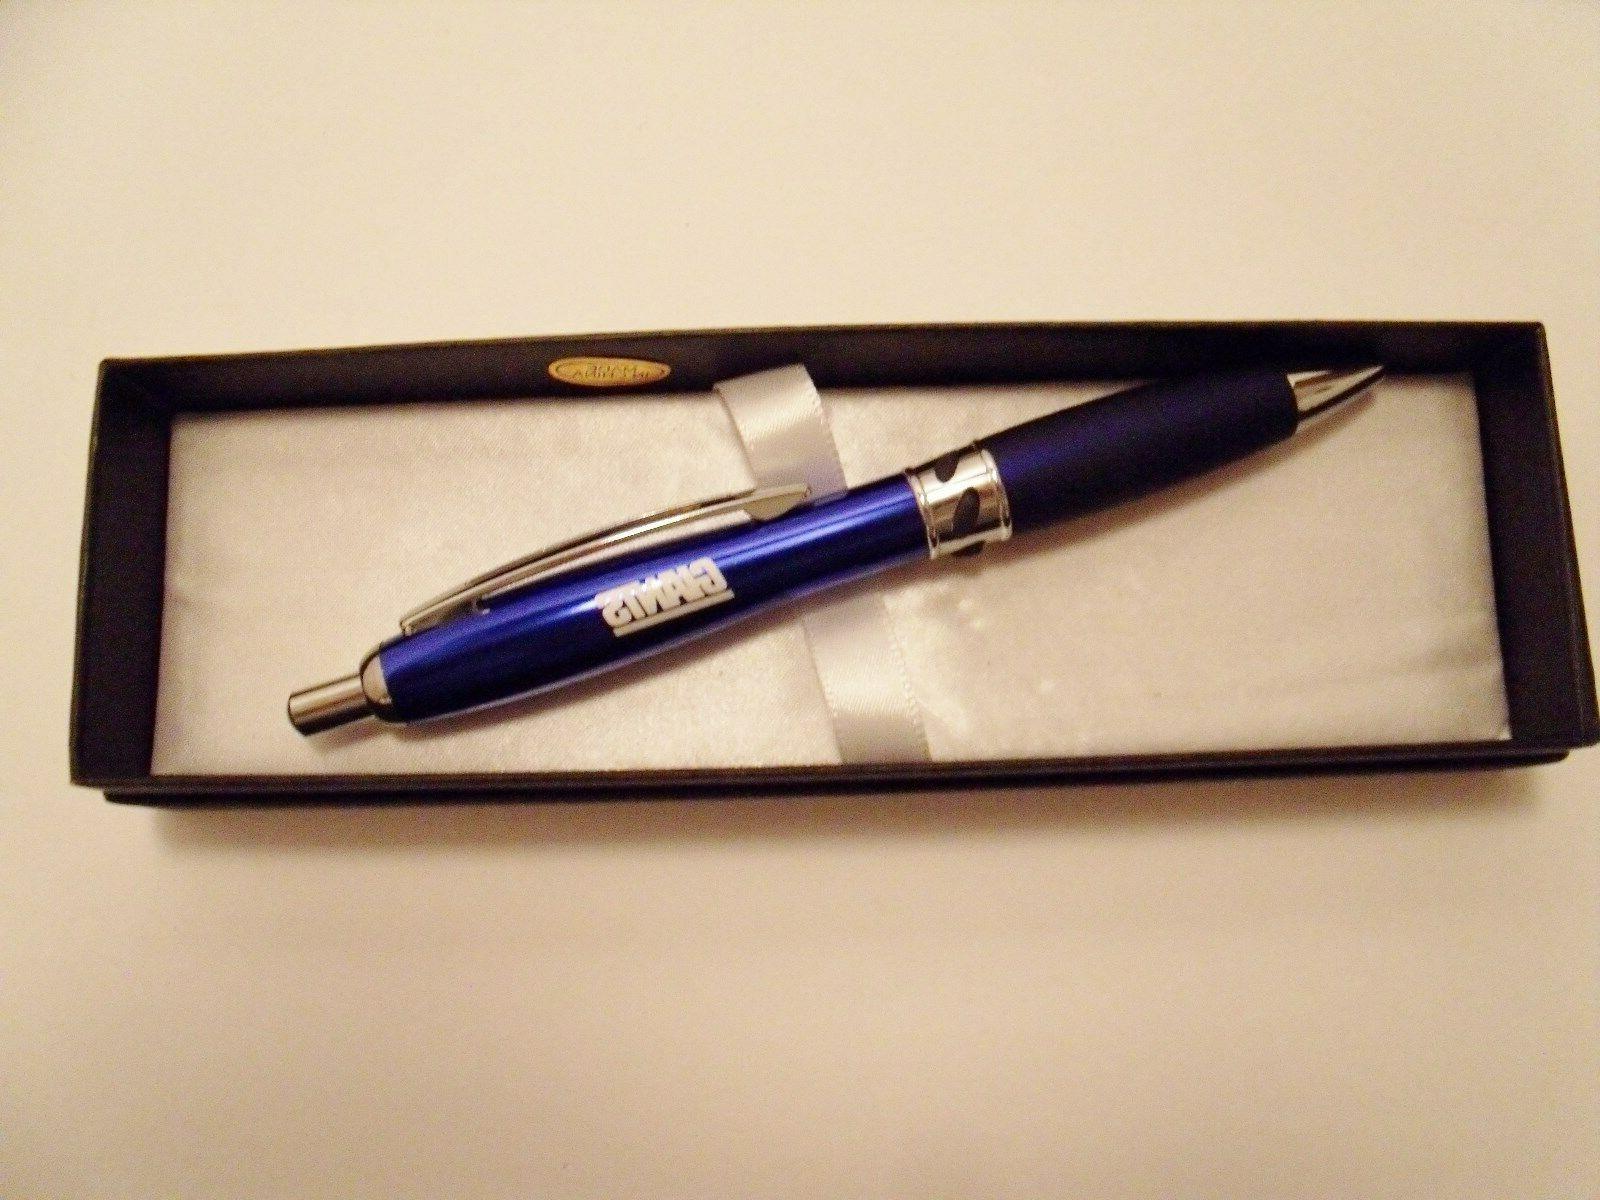 official nfl new york giants pen gift